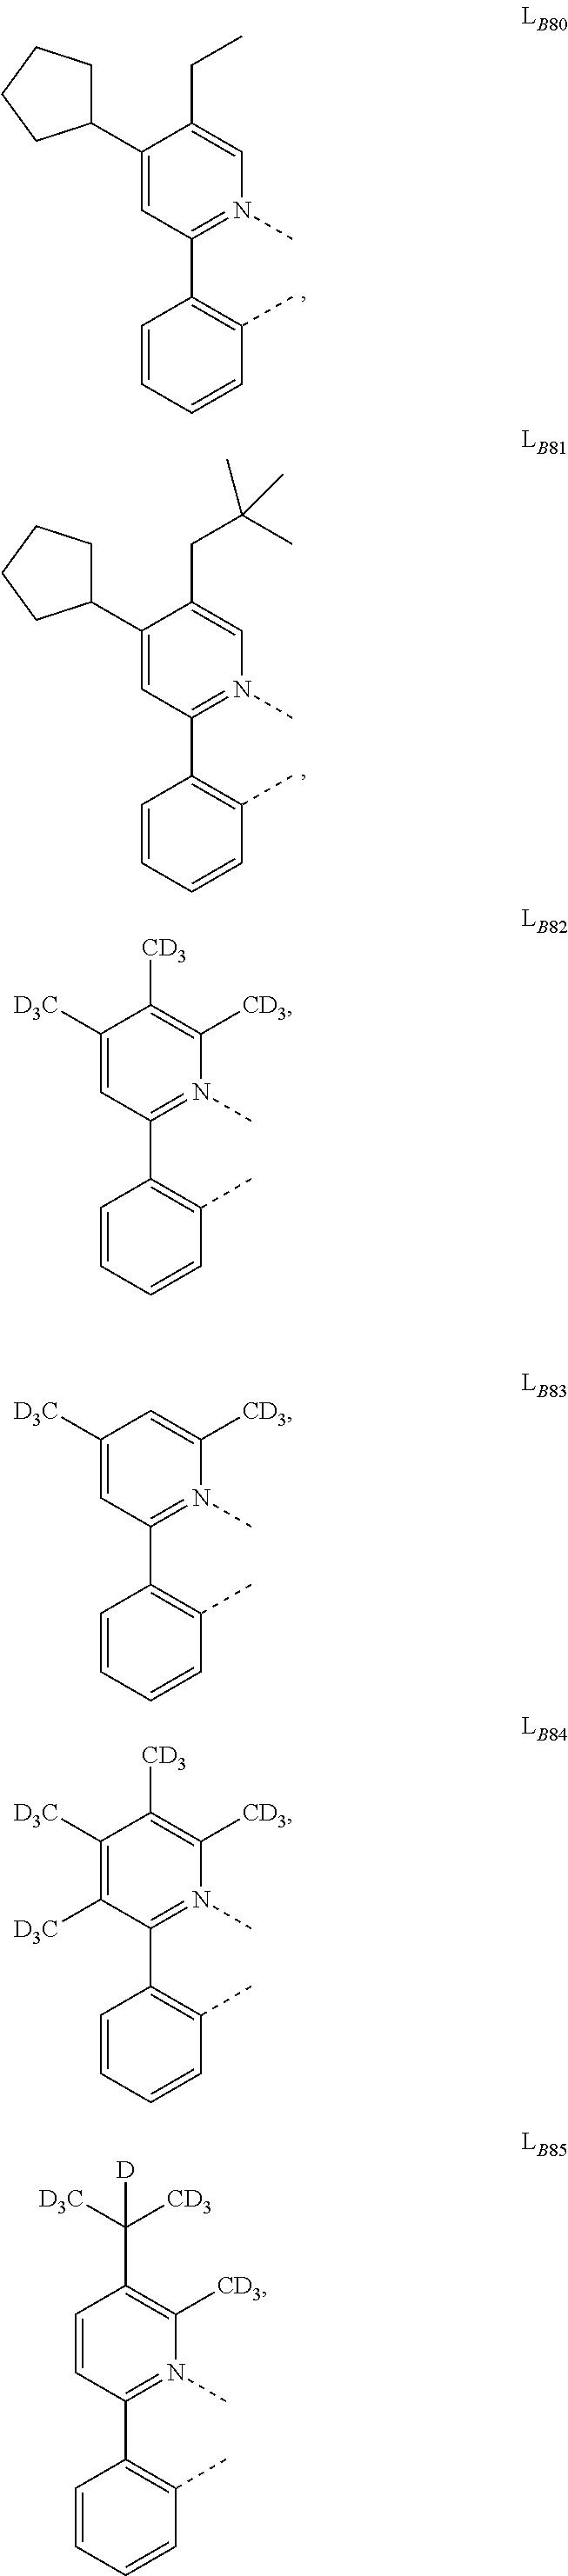 Figure US10003034-20180619-C00580